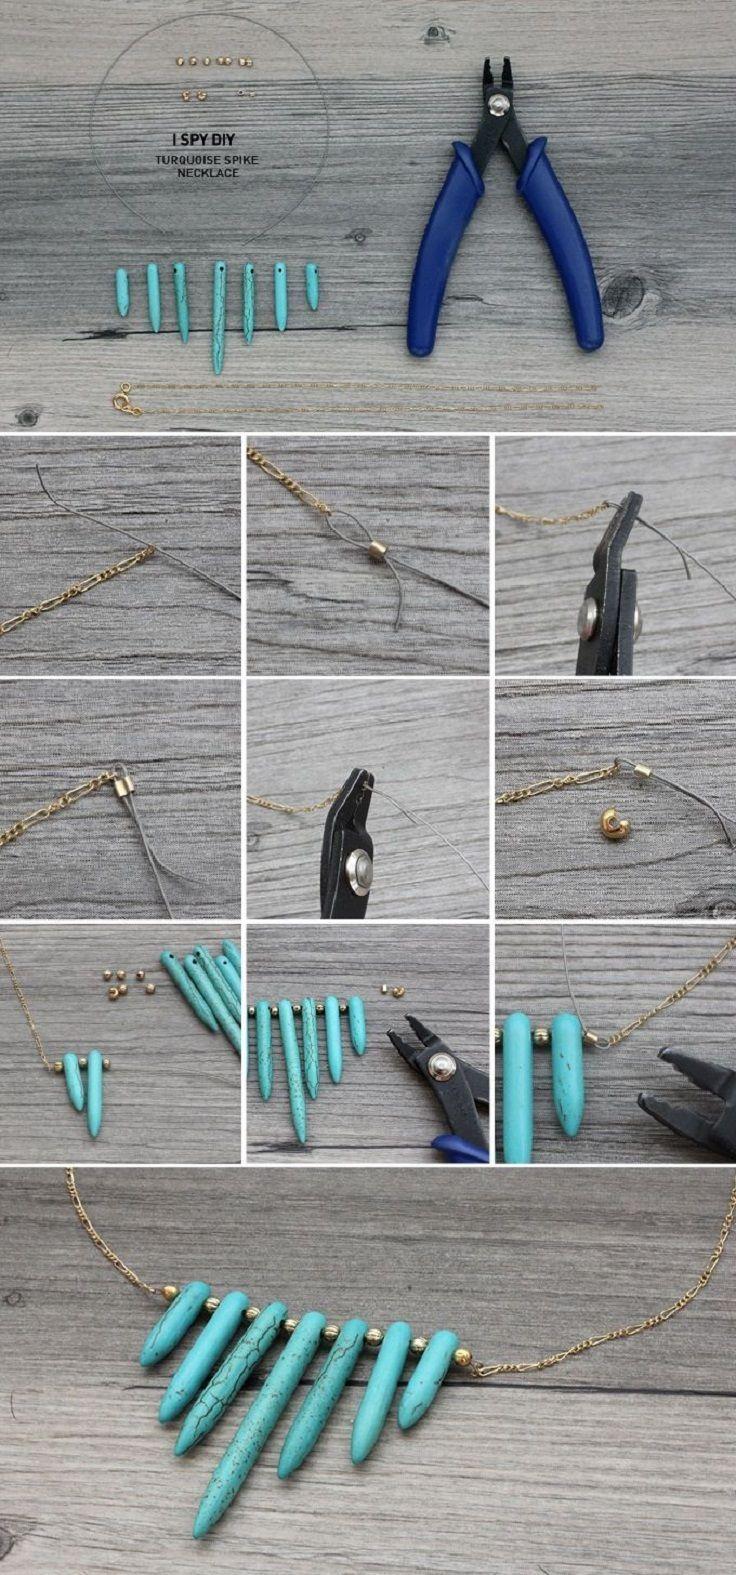 Des conseils pratiques et techniques pour fabriquer soi même un collier en perles, en tissu, en ruban, en métal ou encore hawaïen mais aussi en soie.